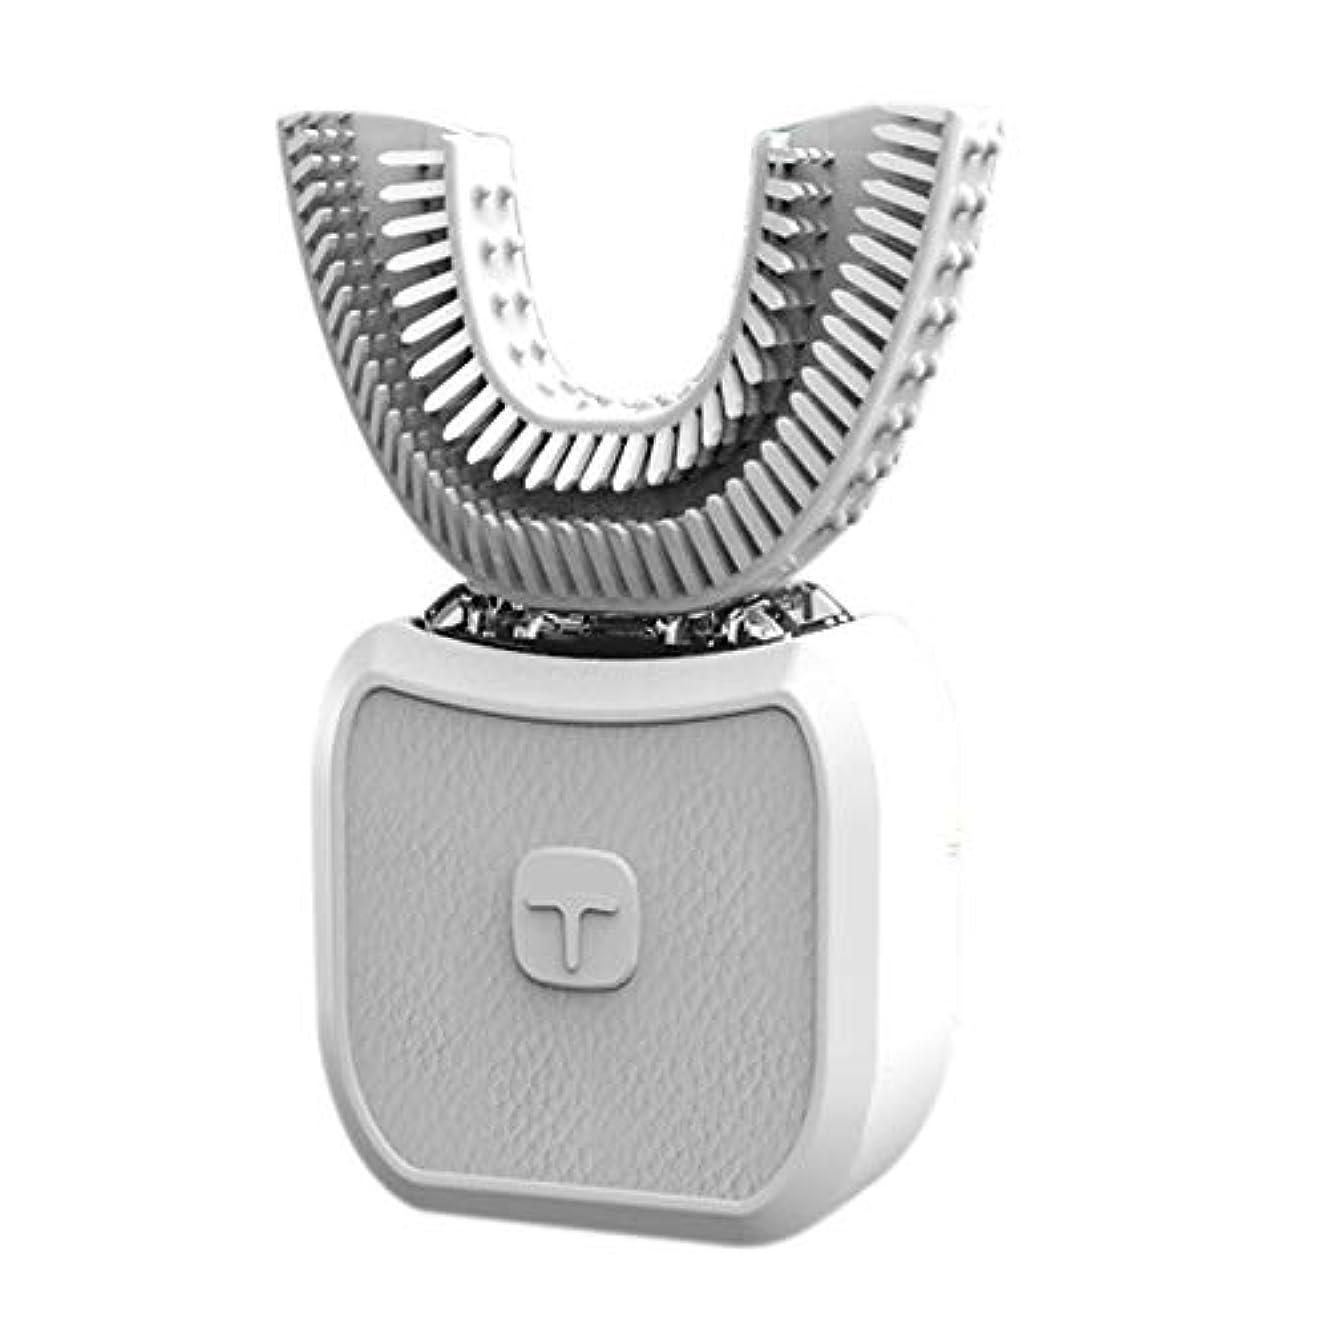 猟犬セットする断片フルオートマチック可変周波数電動歯ブラシ、自動360度U字型電動歯ブラシ、ワイヤレス充電IPX7防水自動歯ブラシ(大人用),White